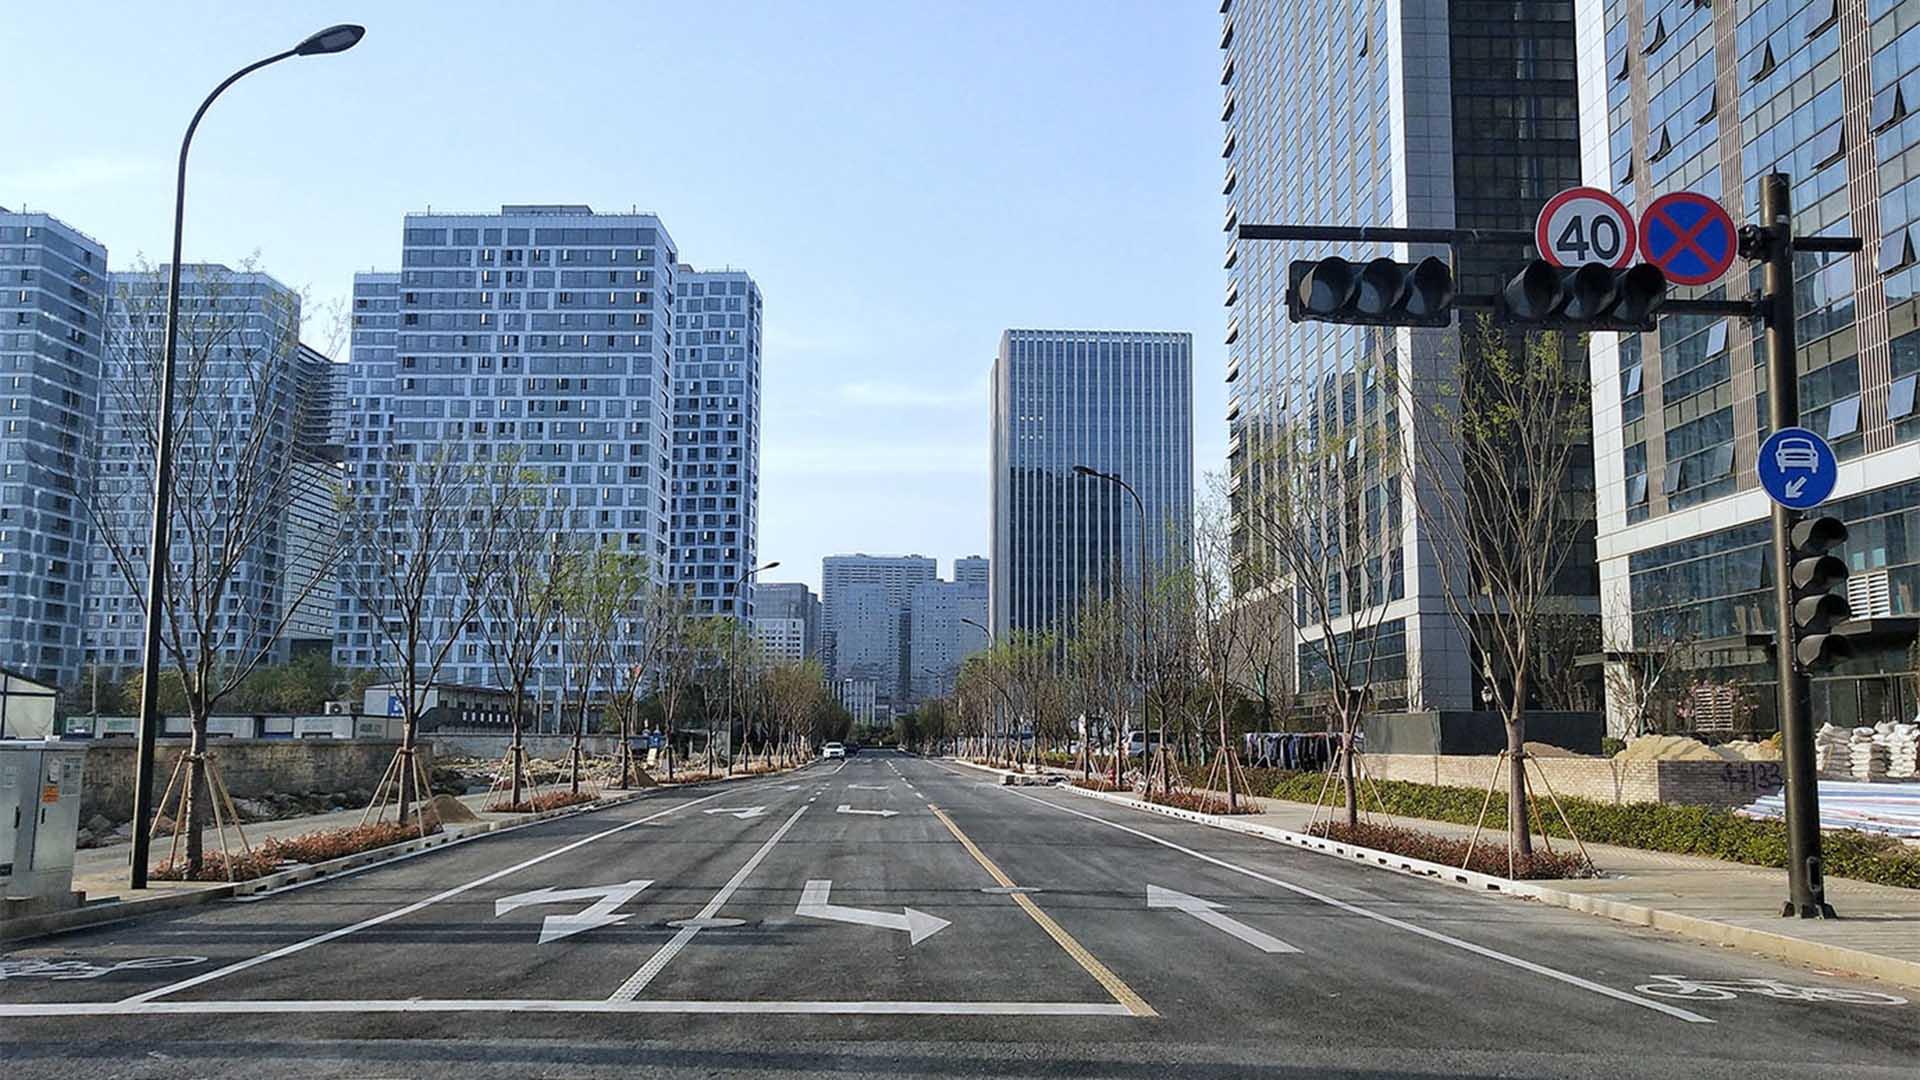 2018--杭州未来科技城永兴路东段(创远路-闲林港)、龙兴路(文一西路-葛巷路)工程